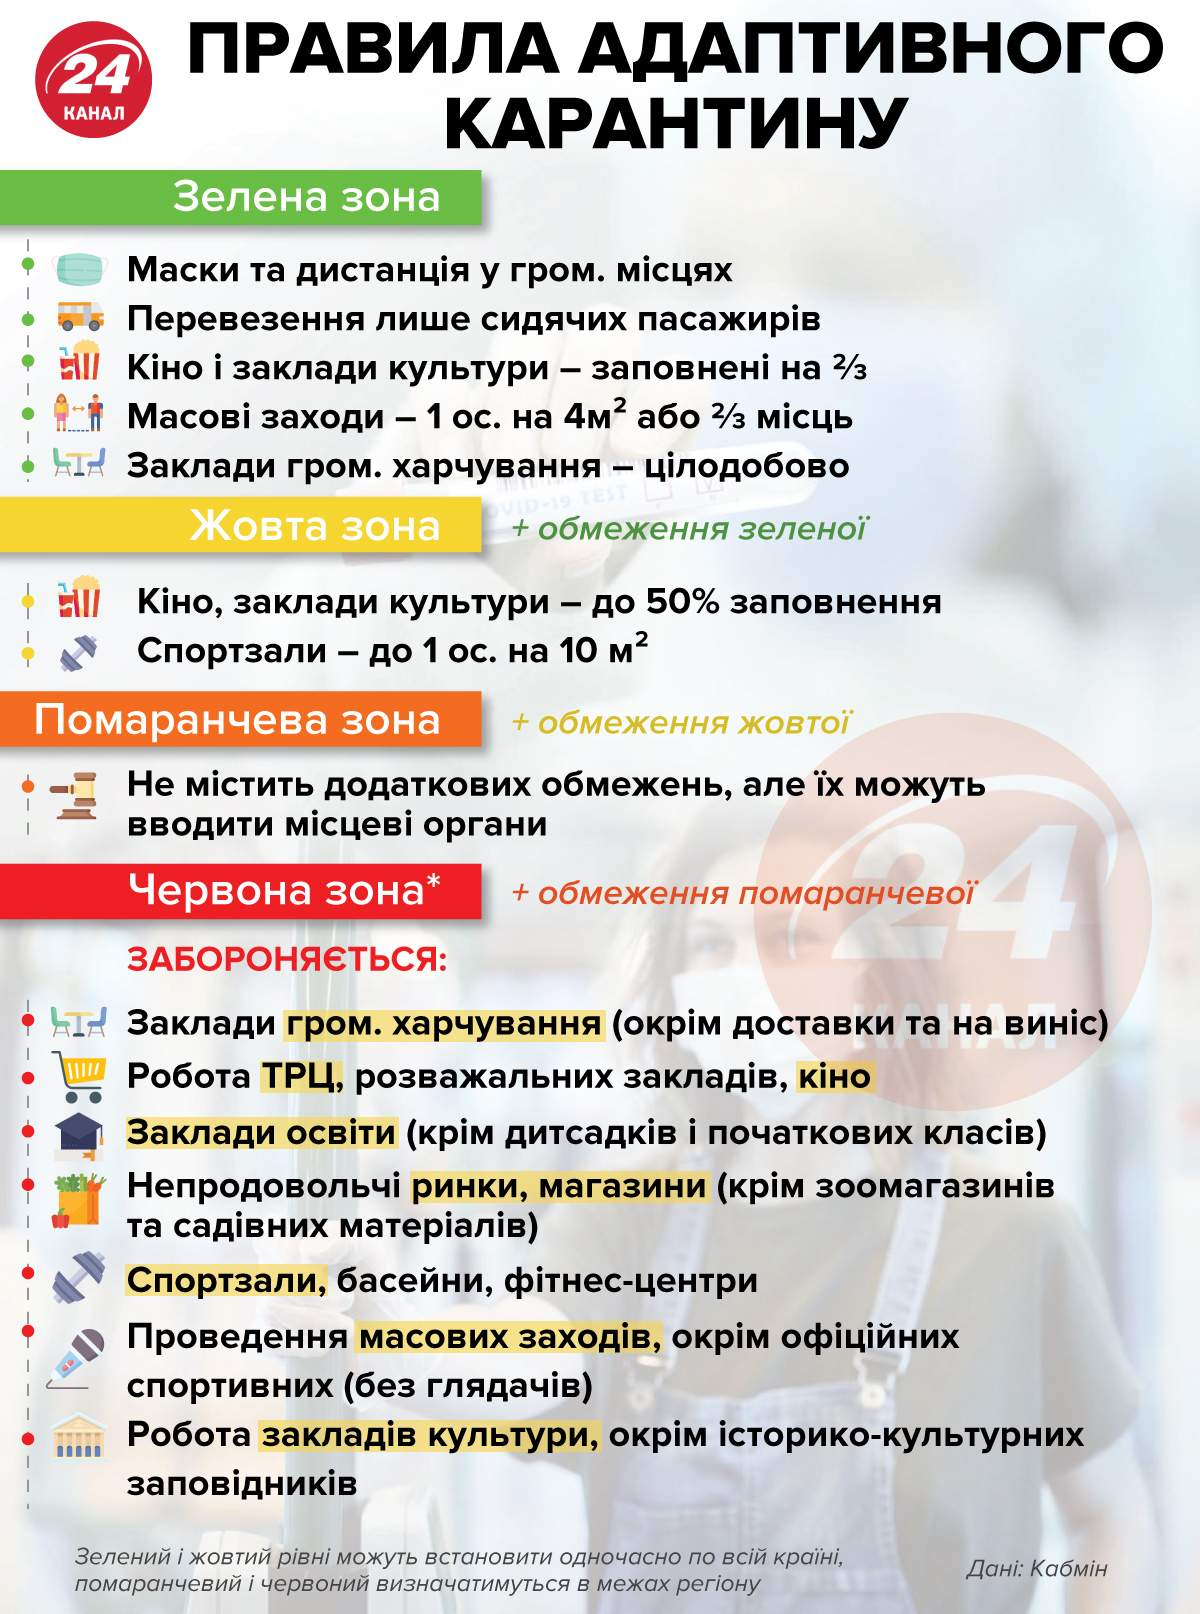 Правила адаптивного карантину / Інфографіка 24 каналу